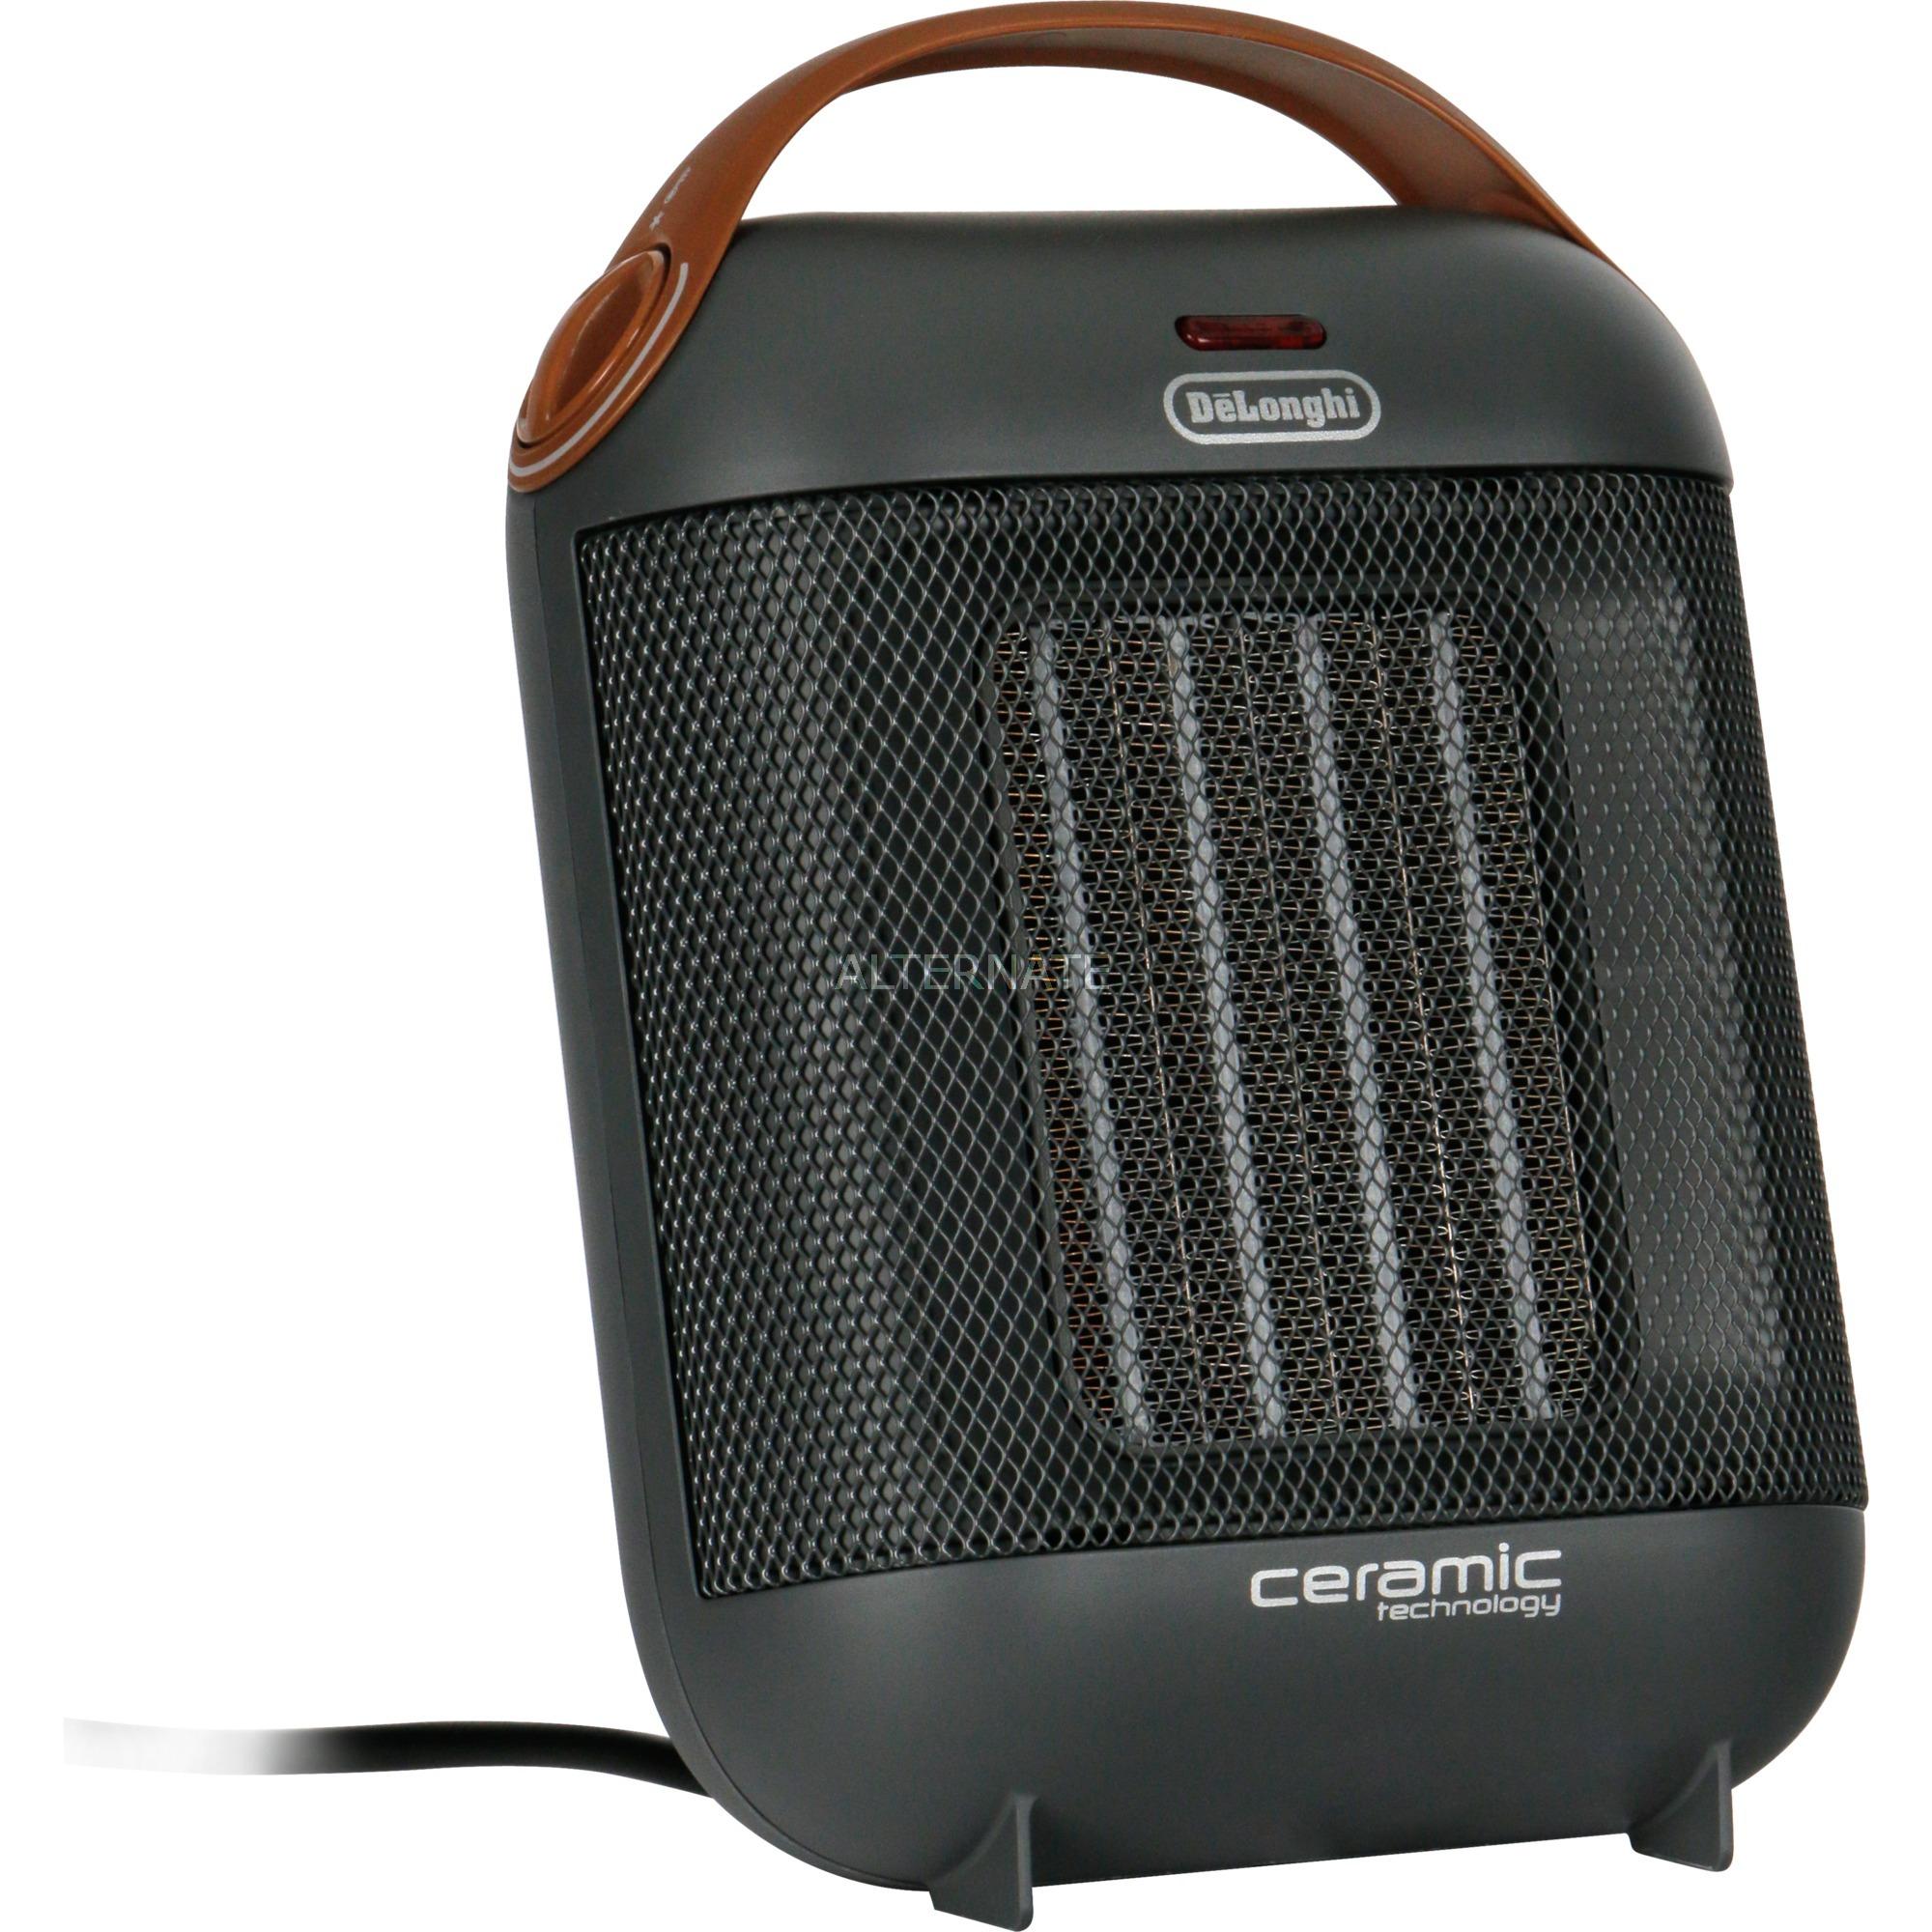 HFX30C18.AG Interior Negro, Gris 1800W Calentador eléctrico de ventilador calefactor eléctrico, Termoventiladores